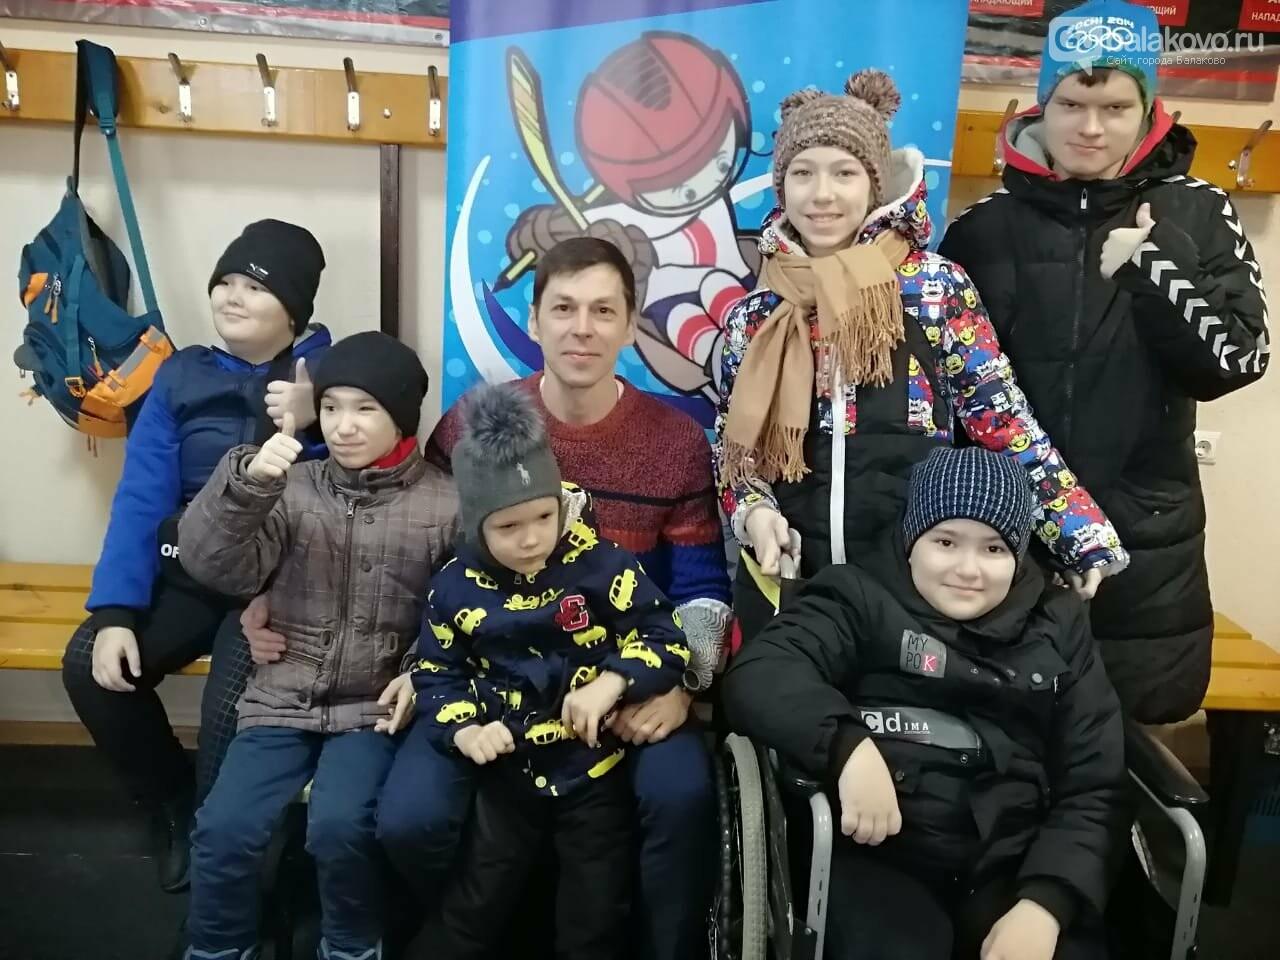 Хоккей без границ: балаковская команда ищет тренера и отзывчивых людей, фото-1